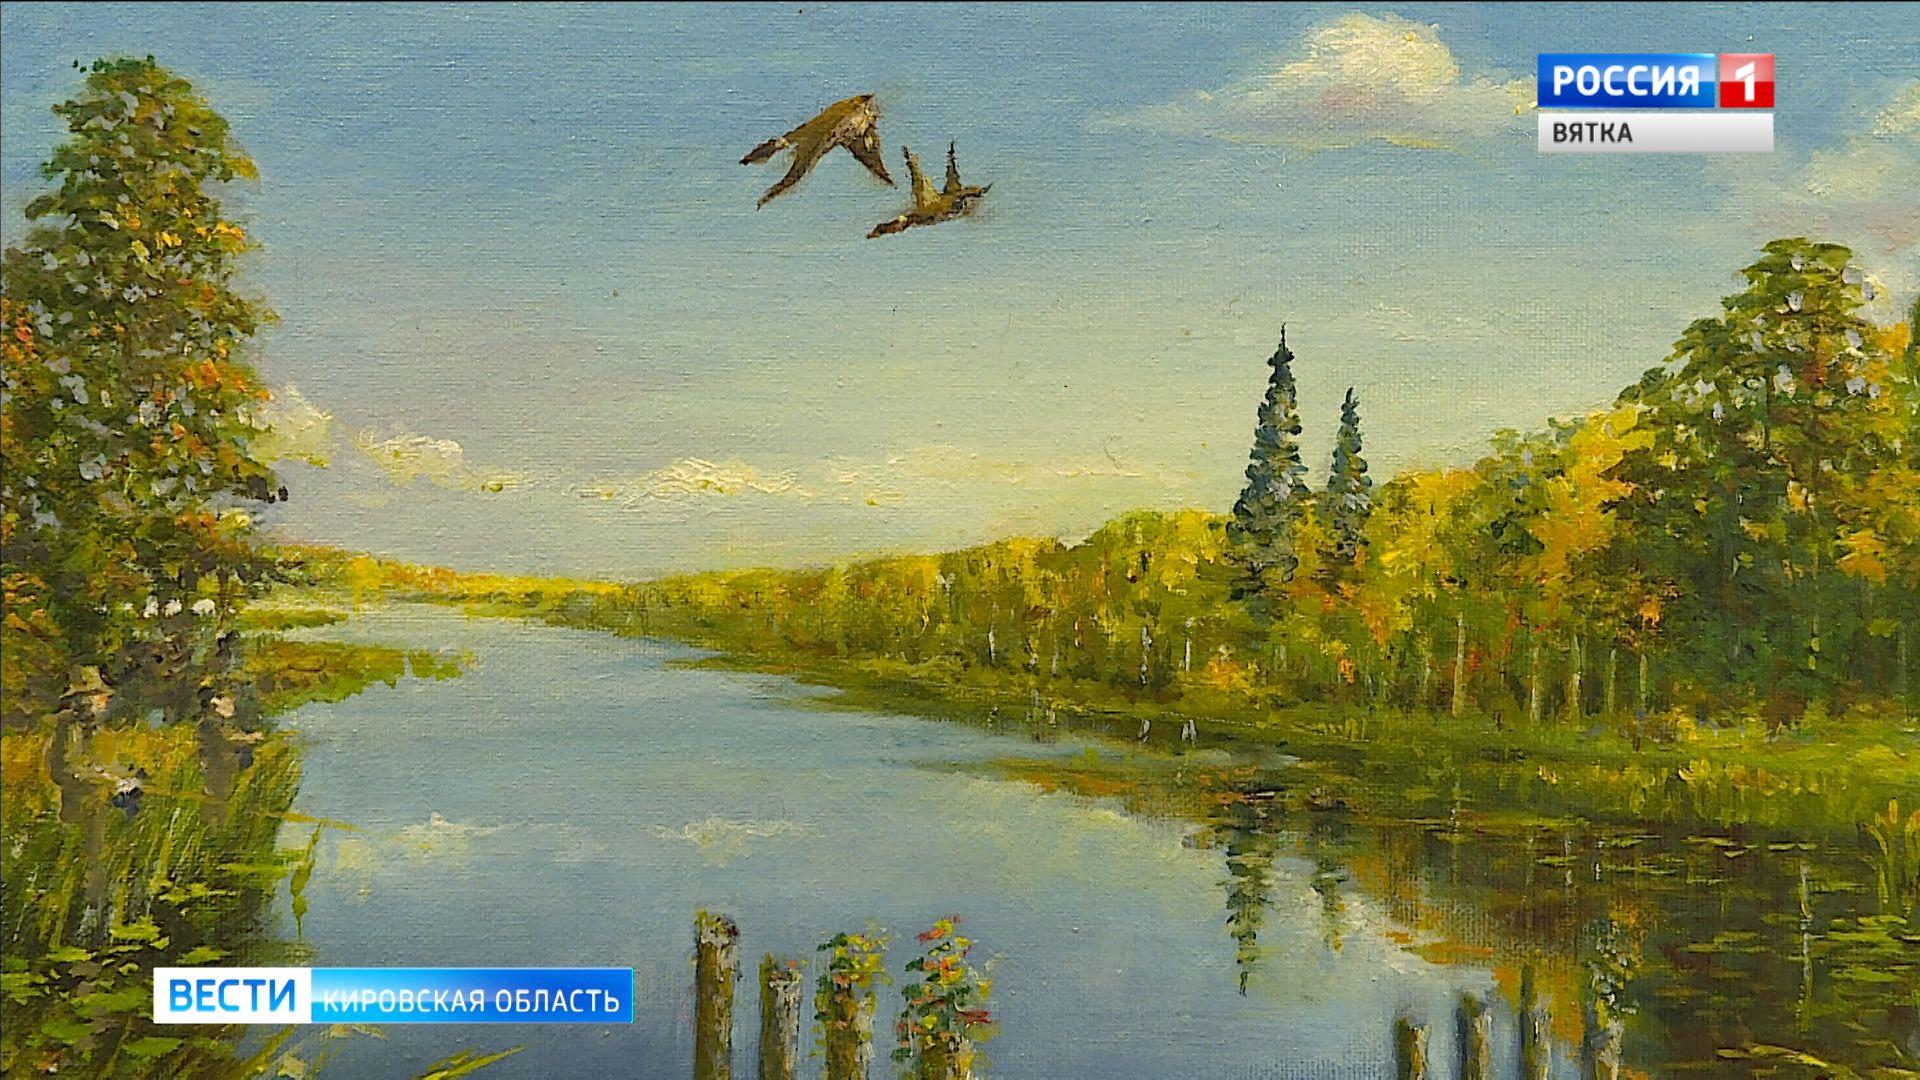 В ОДНТ представлены работы художников-любителей из Кирова и Слободского